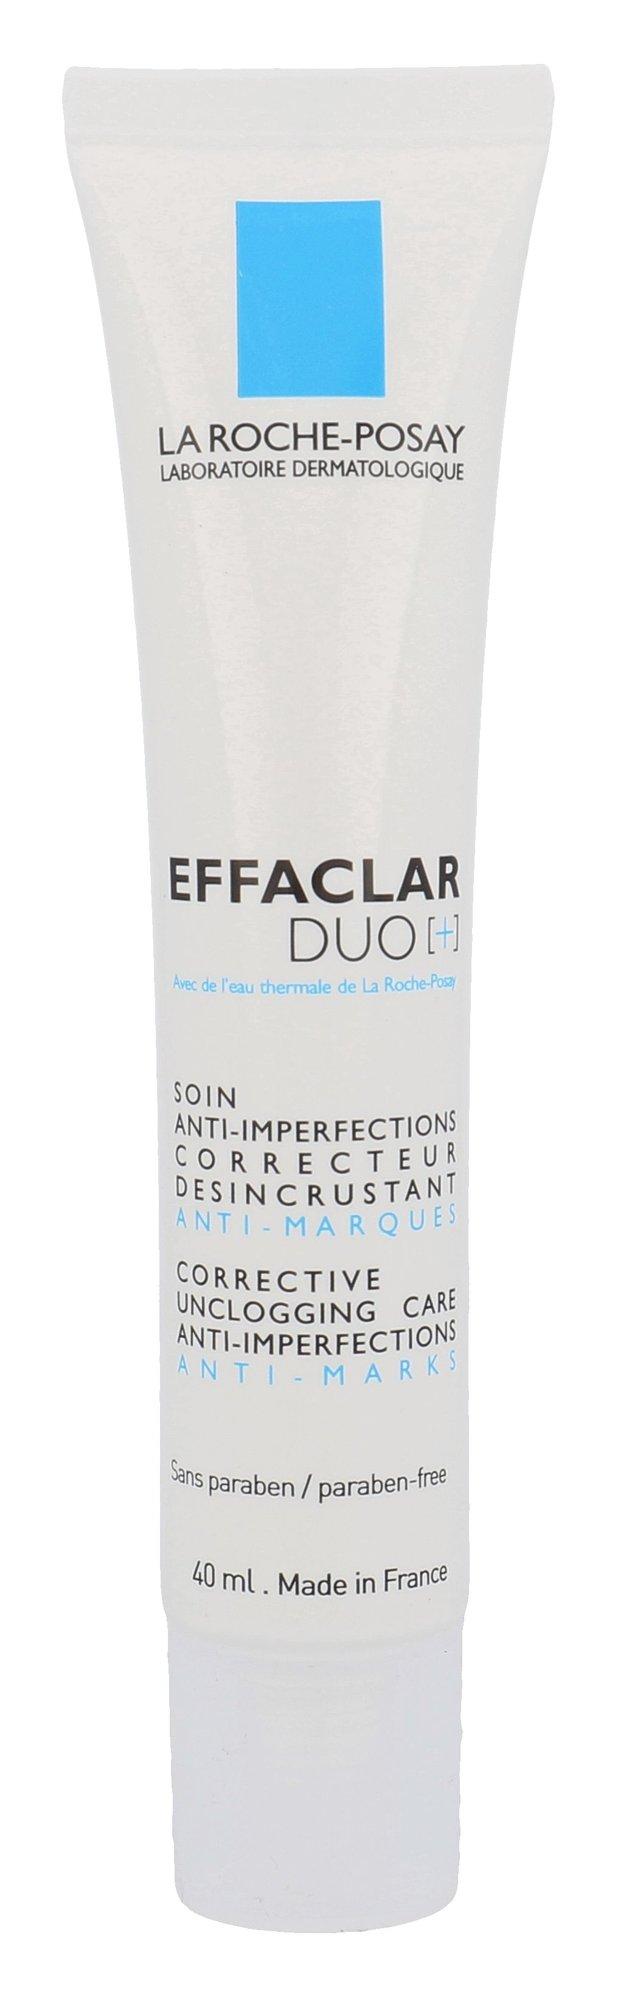 La Roche-Posay Effaclar Cosmetic 40ml  Duo